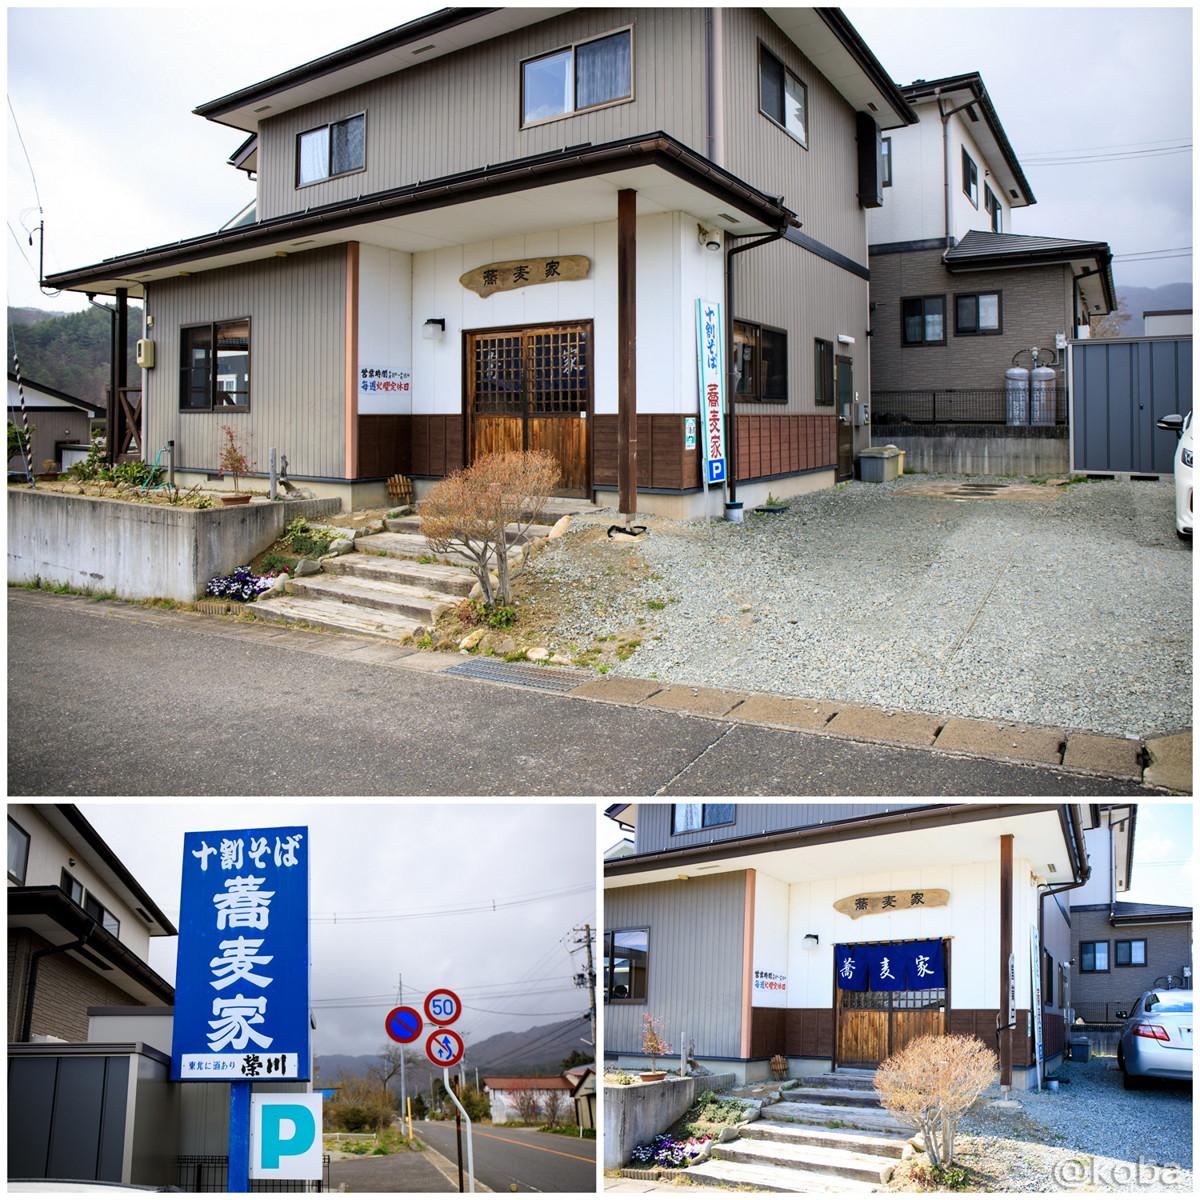 外観の写真 福島県郡山市 蕎麦家(そばや) 十割そばのお店